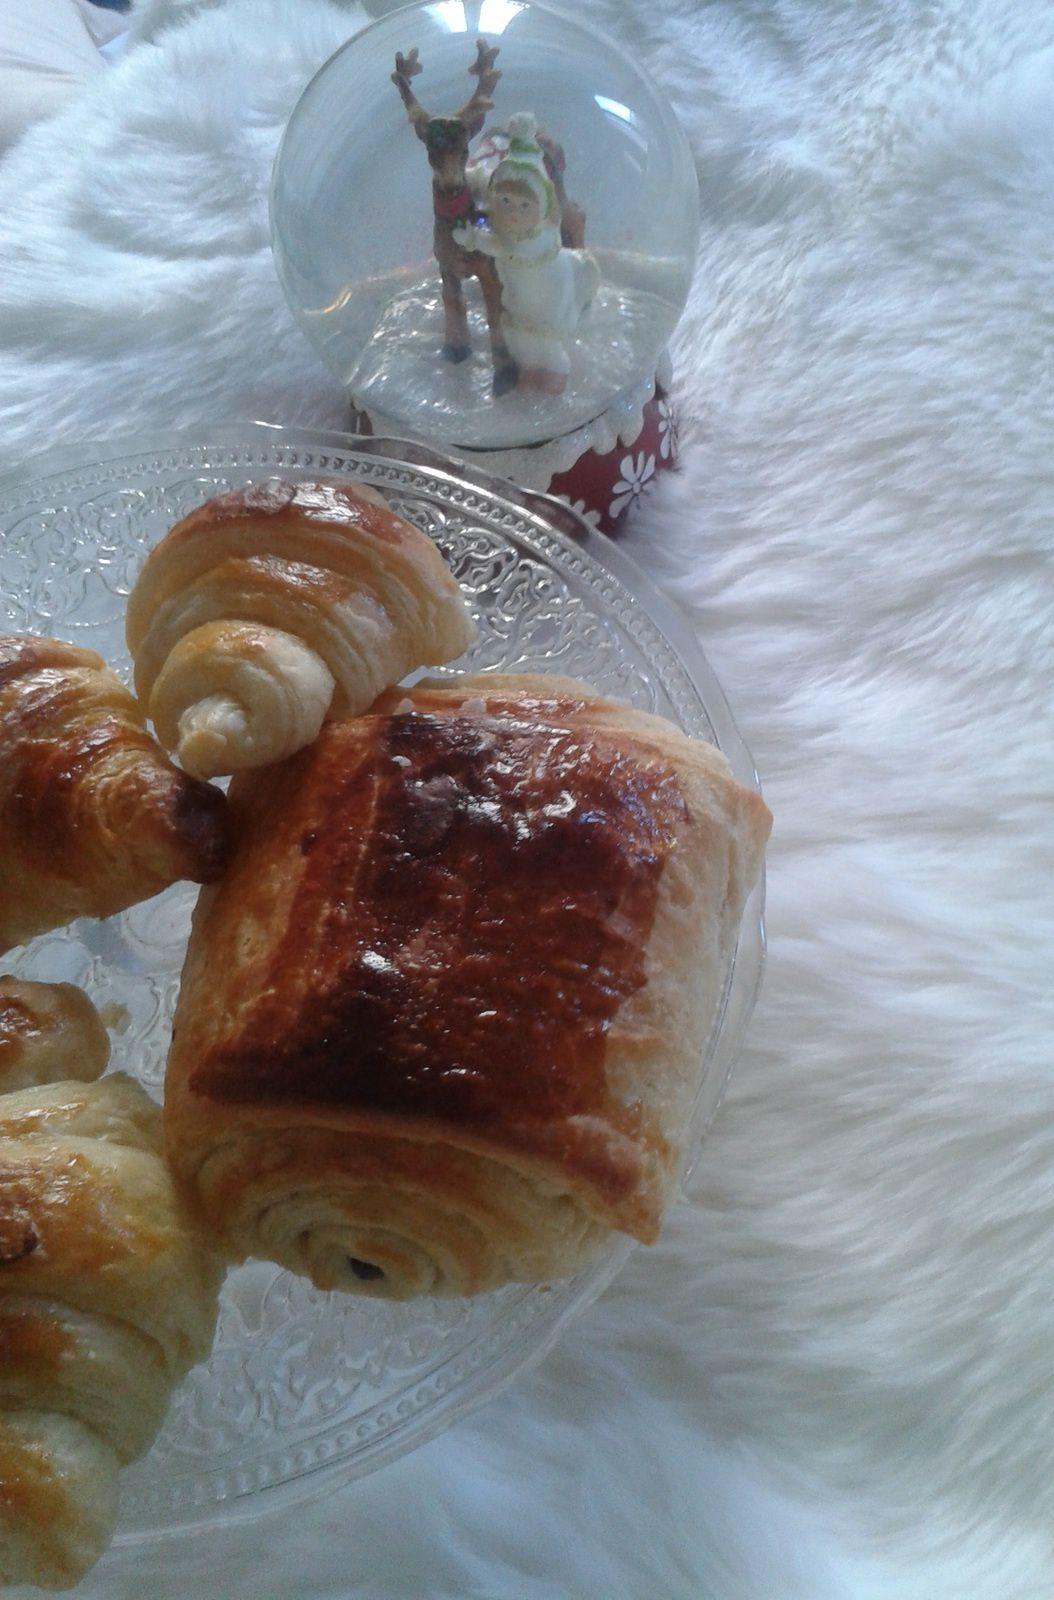 Croissants et pains au chocolat maison l 39 atelier de la f e gourmande - Pain au chocolat maison ...